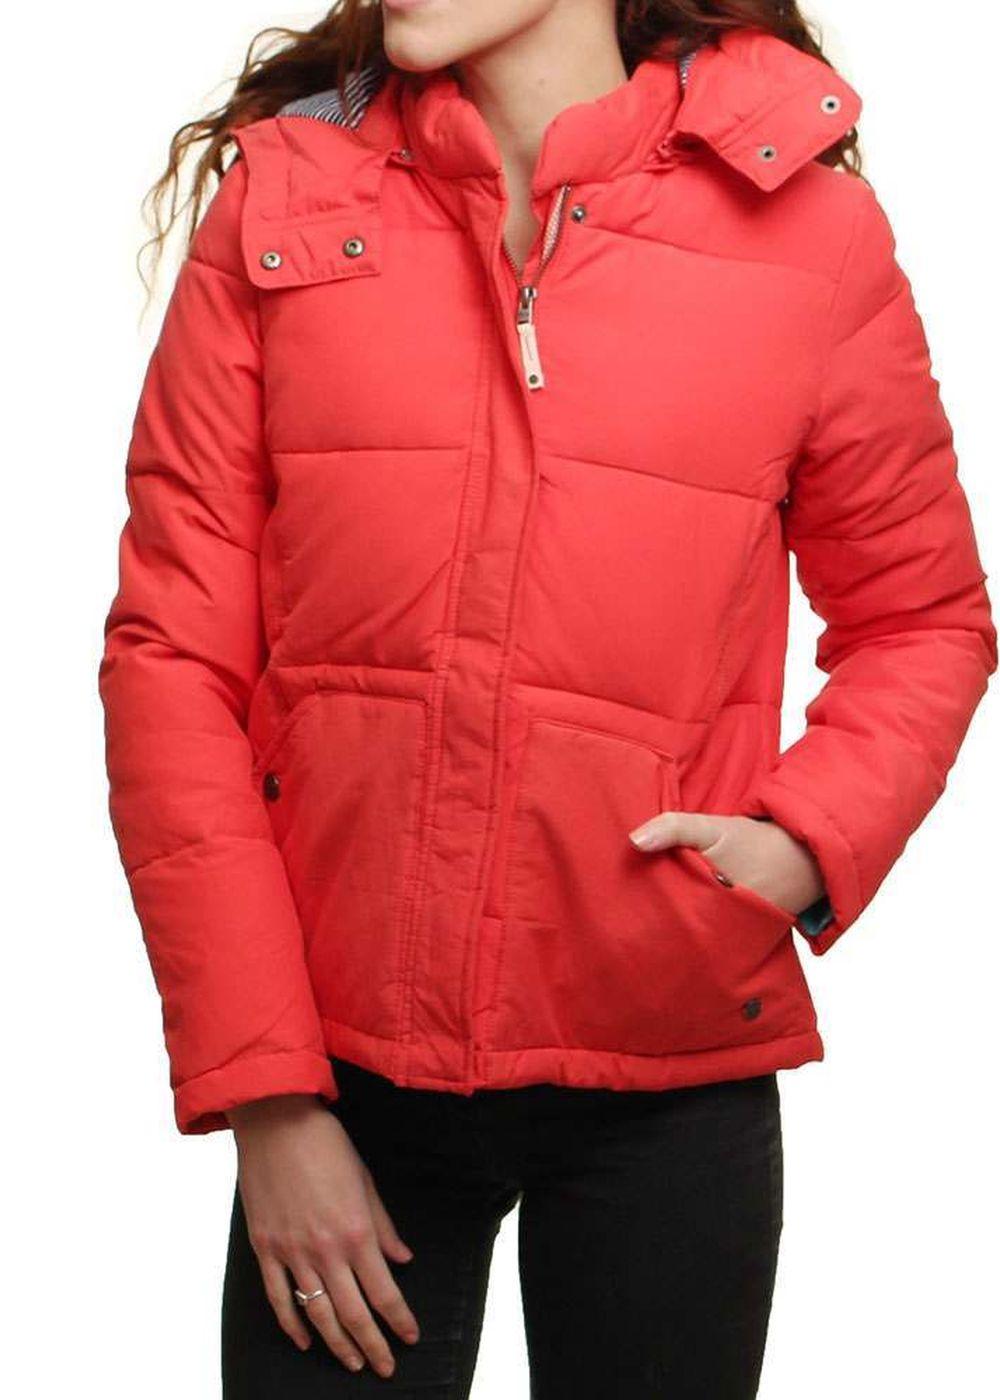 roxy-freedom-jacket-bittersweet